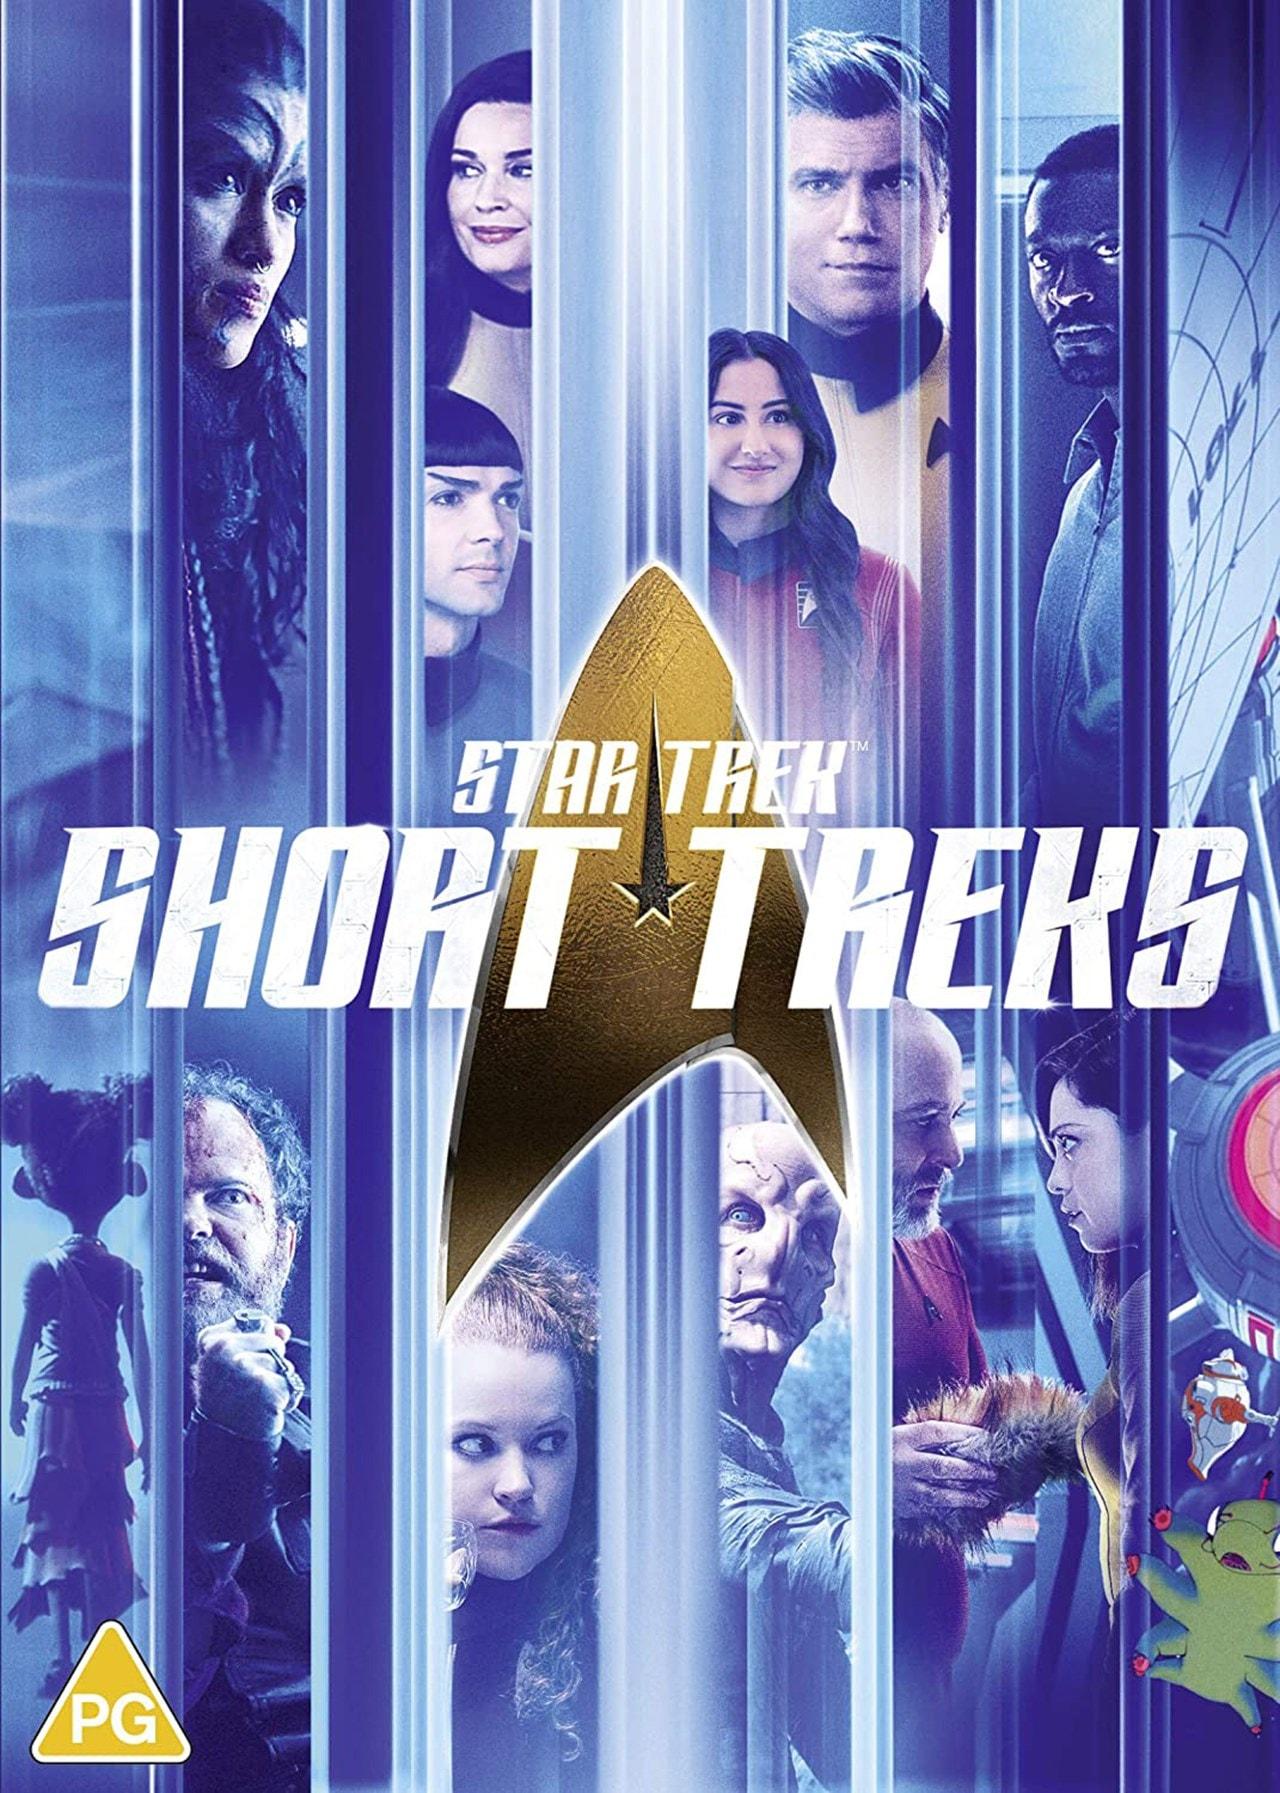 Star Trek - Short Treks - 1